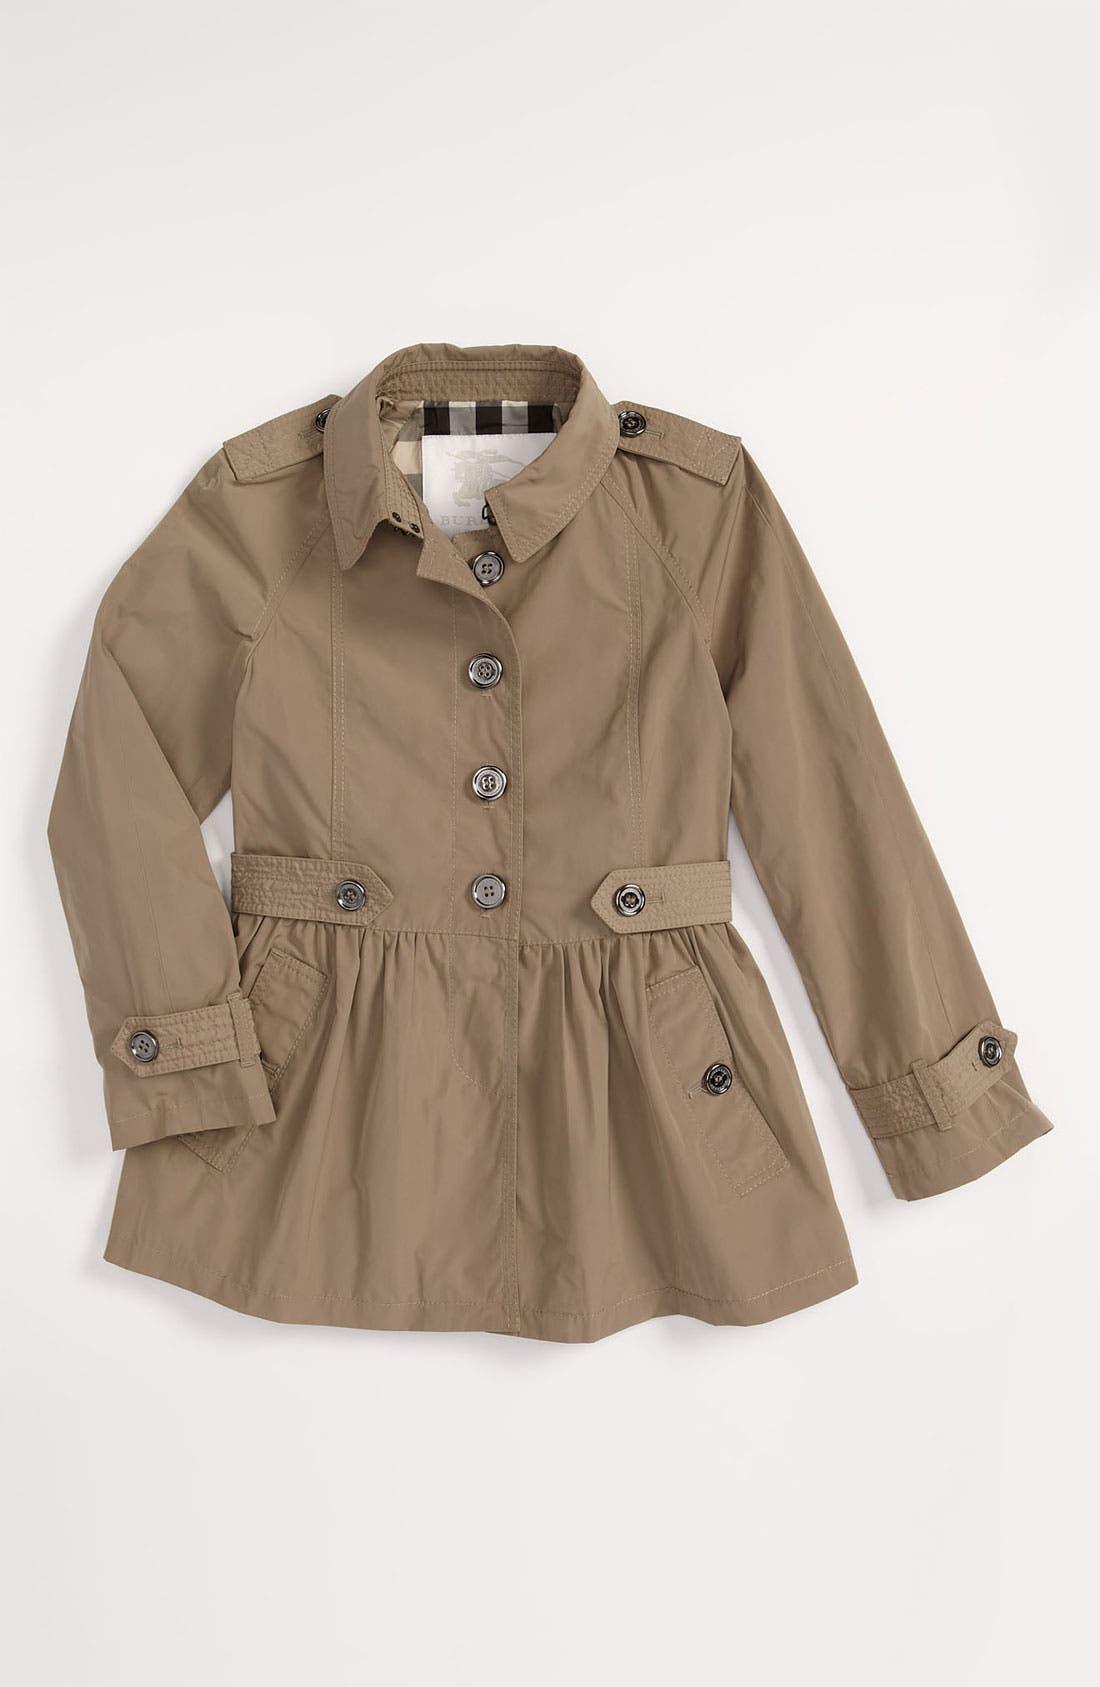 Alternate Image 1 Selected - Burberry Skirted Trench Coat (Little Girls & Big Girls)